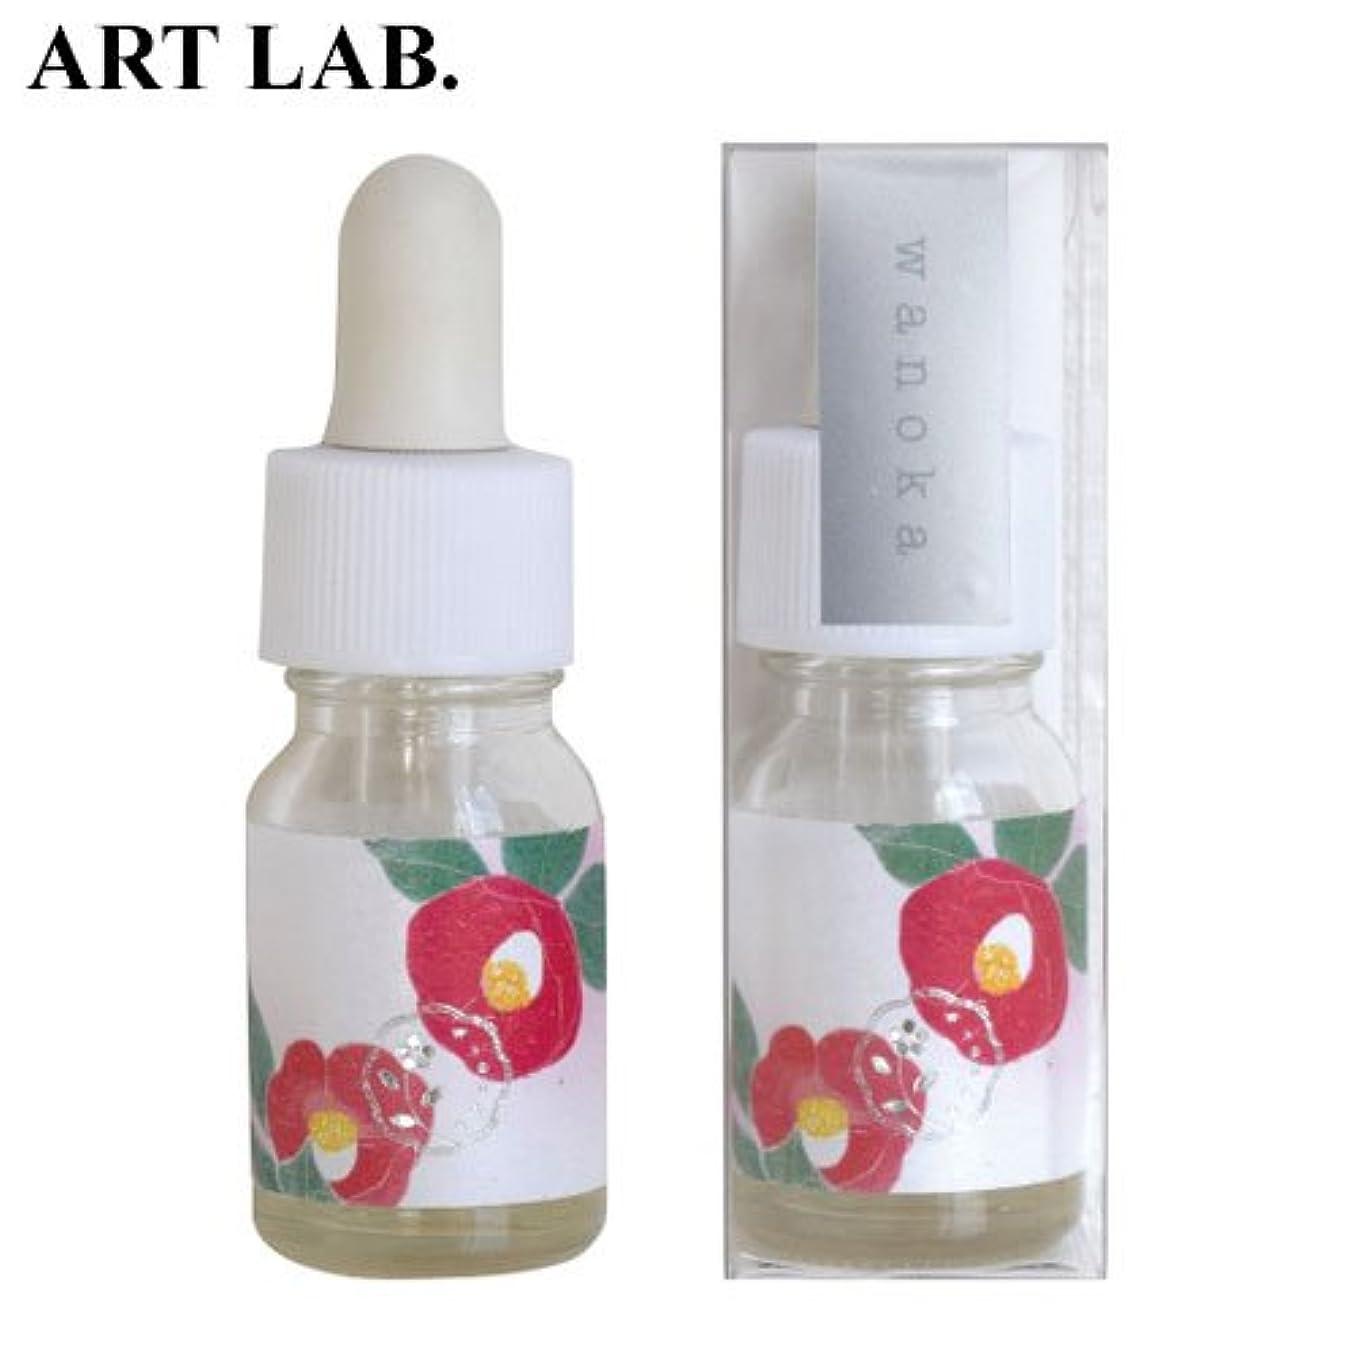 はしご曲線癌wanoka香油アロマオイル椿《おしとやかで深みのある香り》ART LABAromatic oil